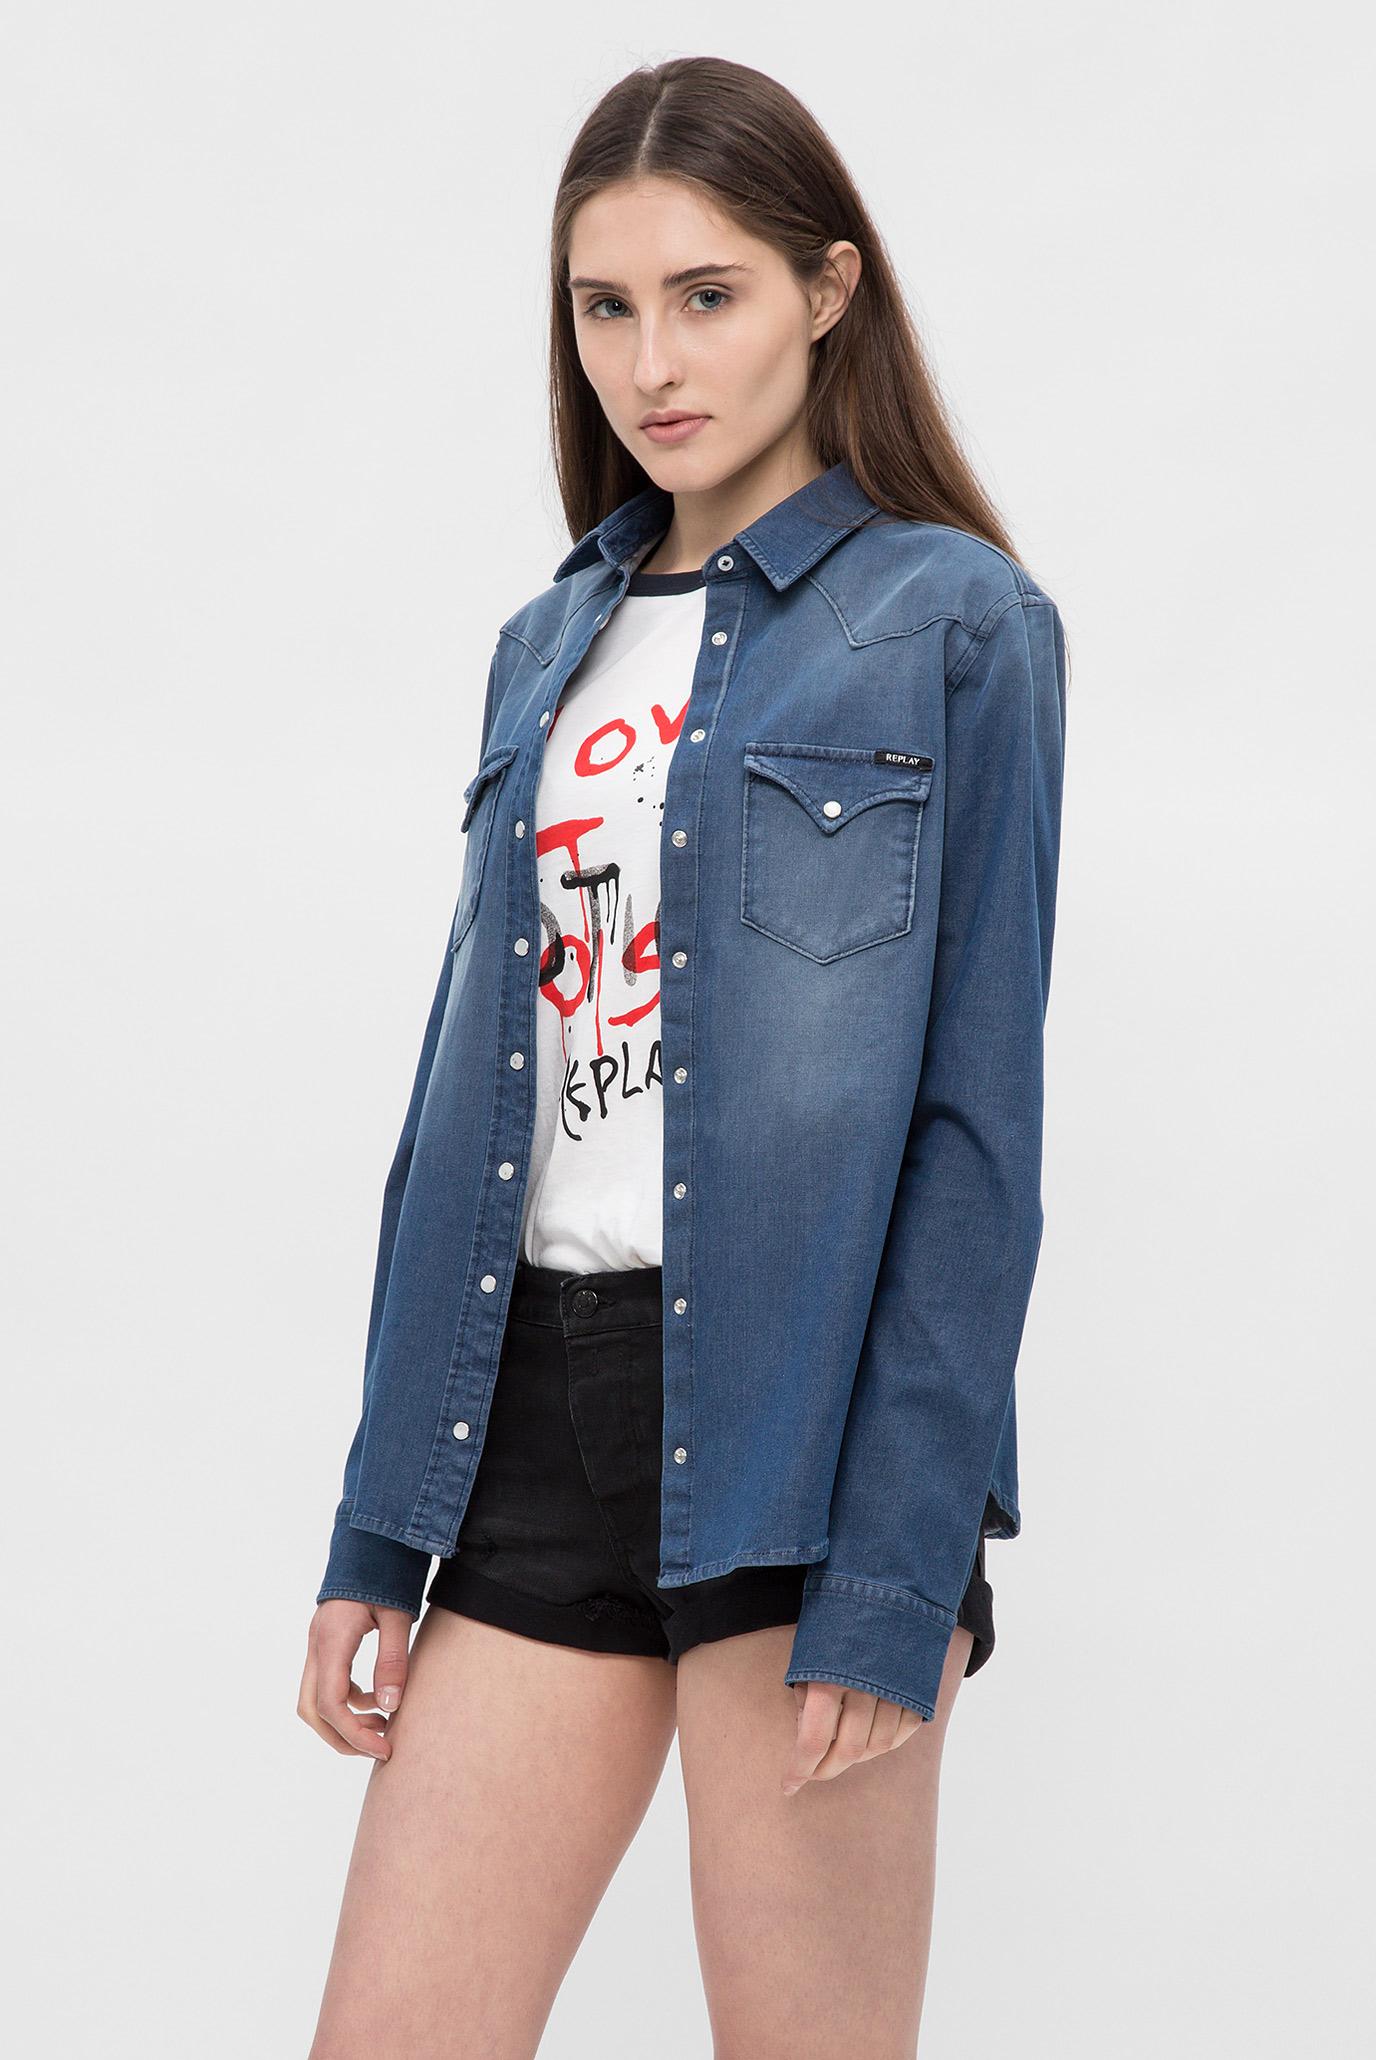 Купить Женская синяя джинсовая рубашка Replay Replay W2962 .000.39B 357 – Киев, Украина. Цены в интернет магазине MD Fashion